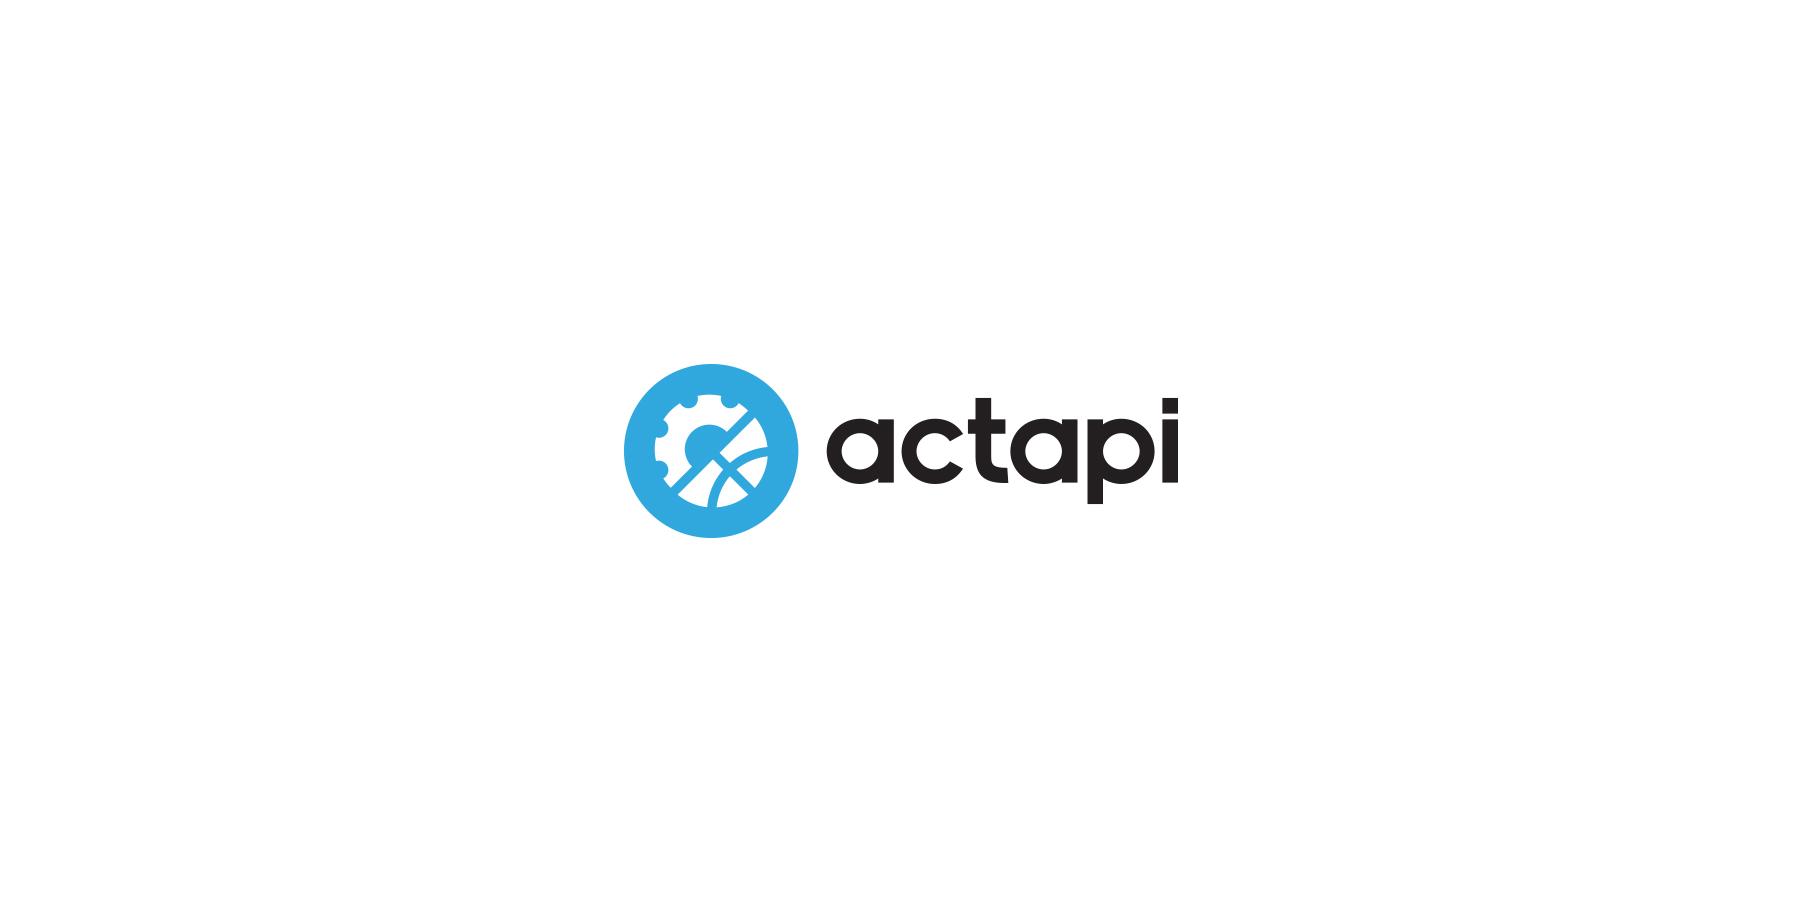 actapi-logo-design-01